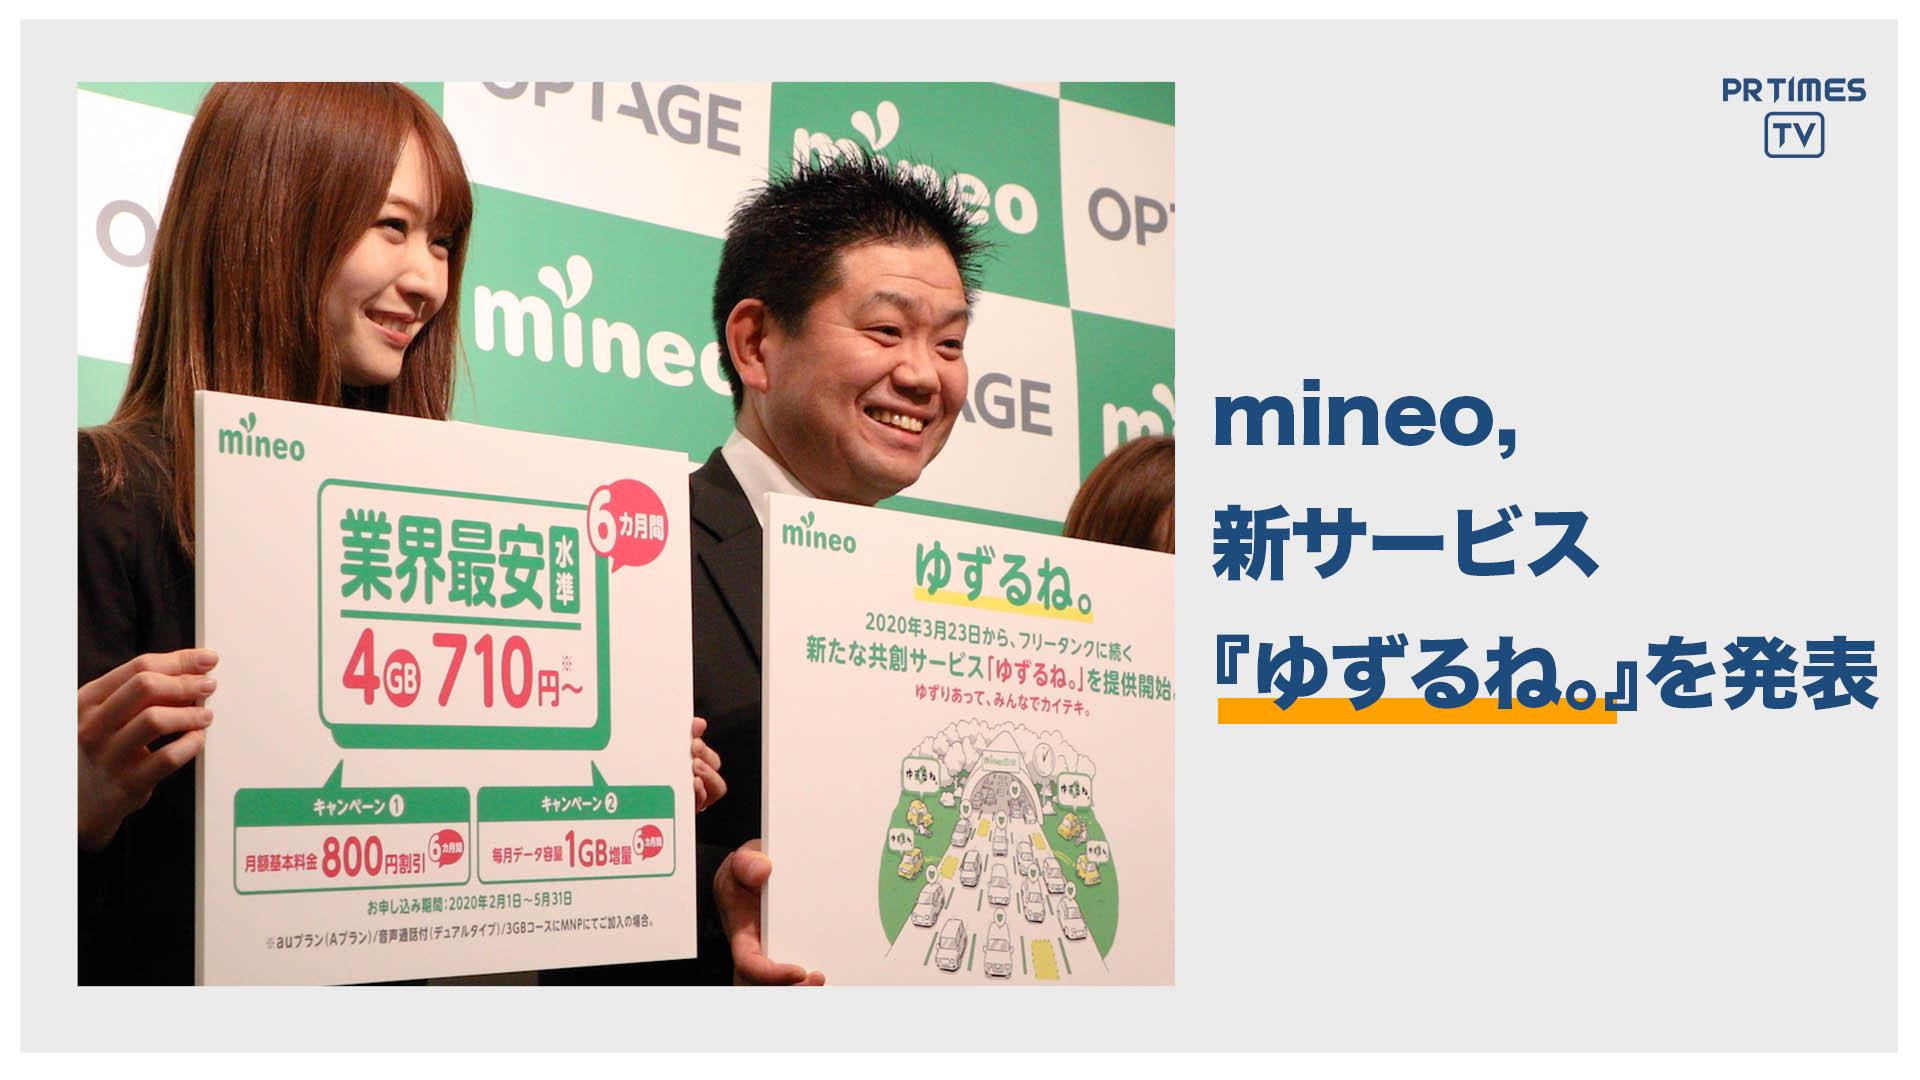 mineo 『ゆずるね。』 通信業界初のサービスをスタート